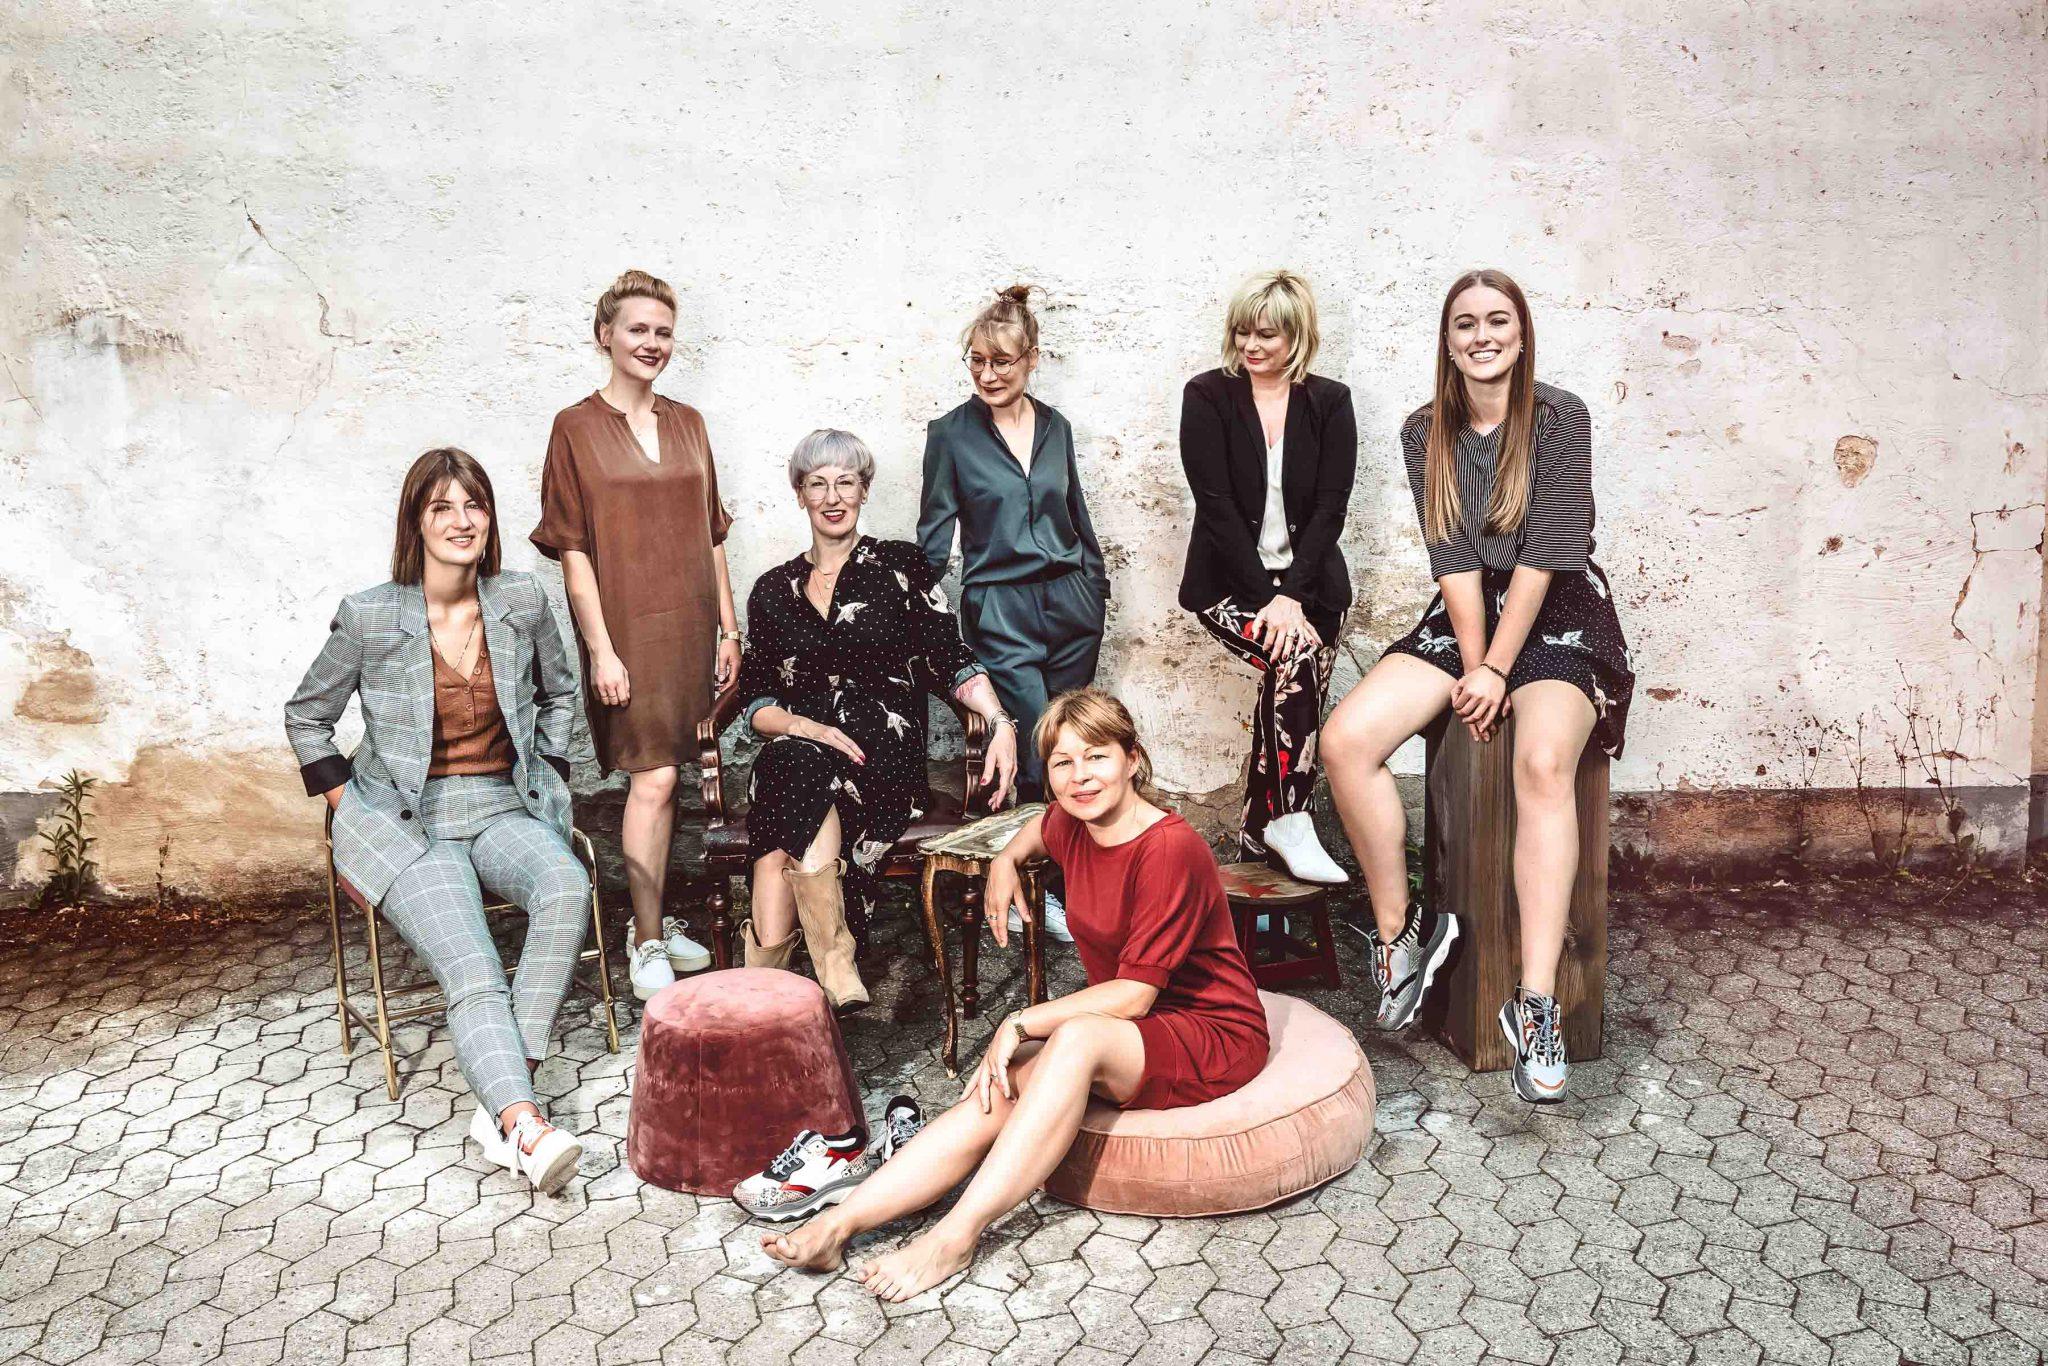 Iris Woldenga & ihr Team